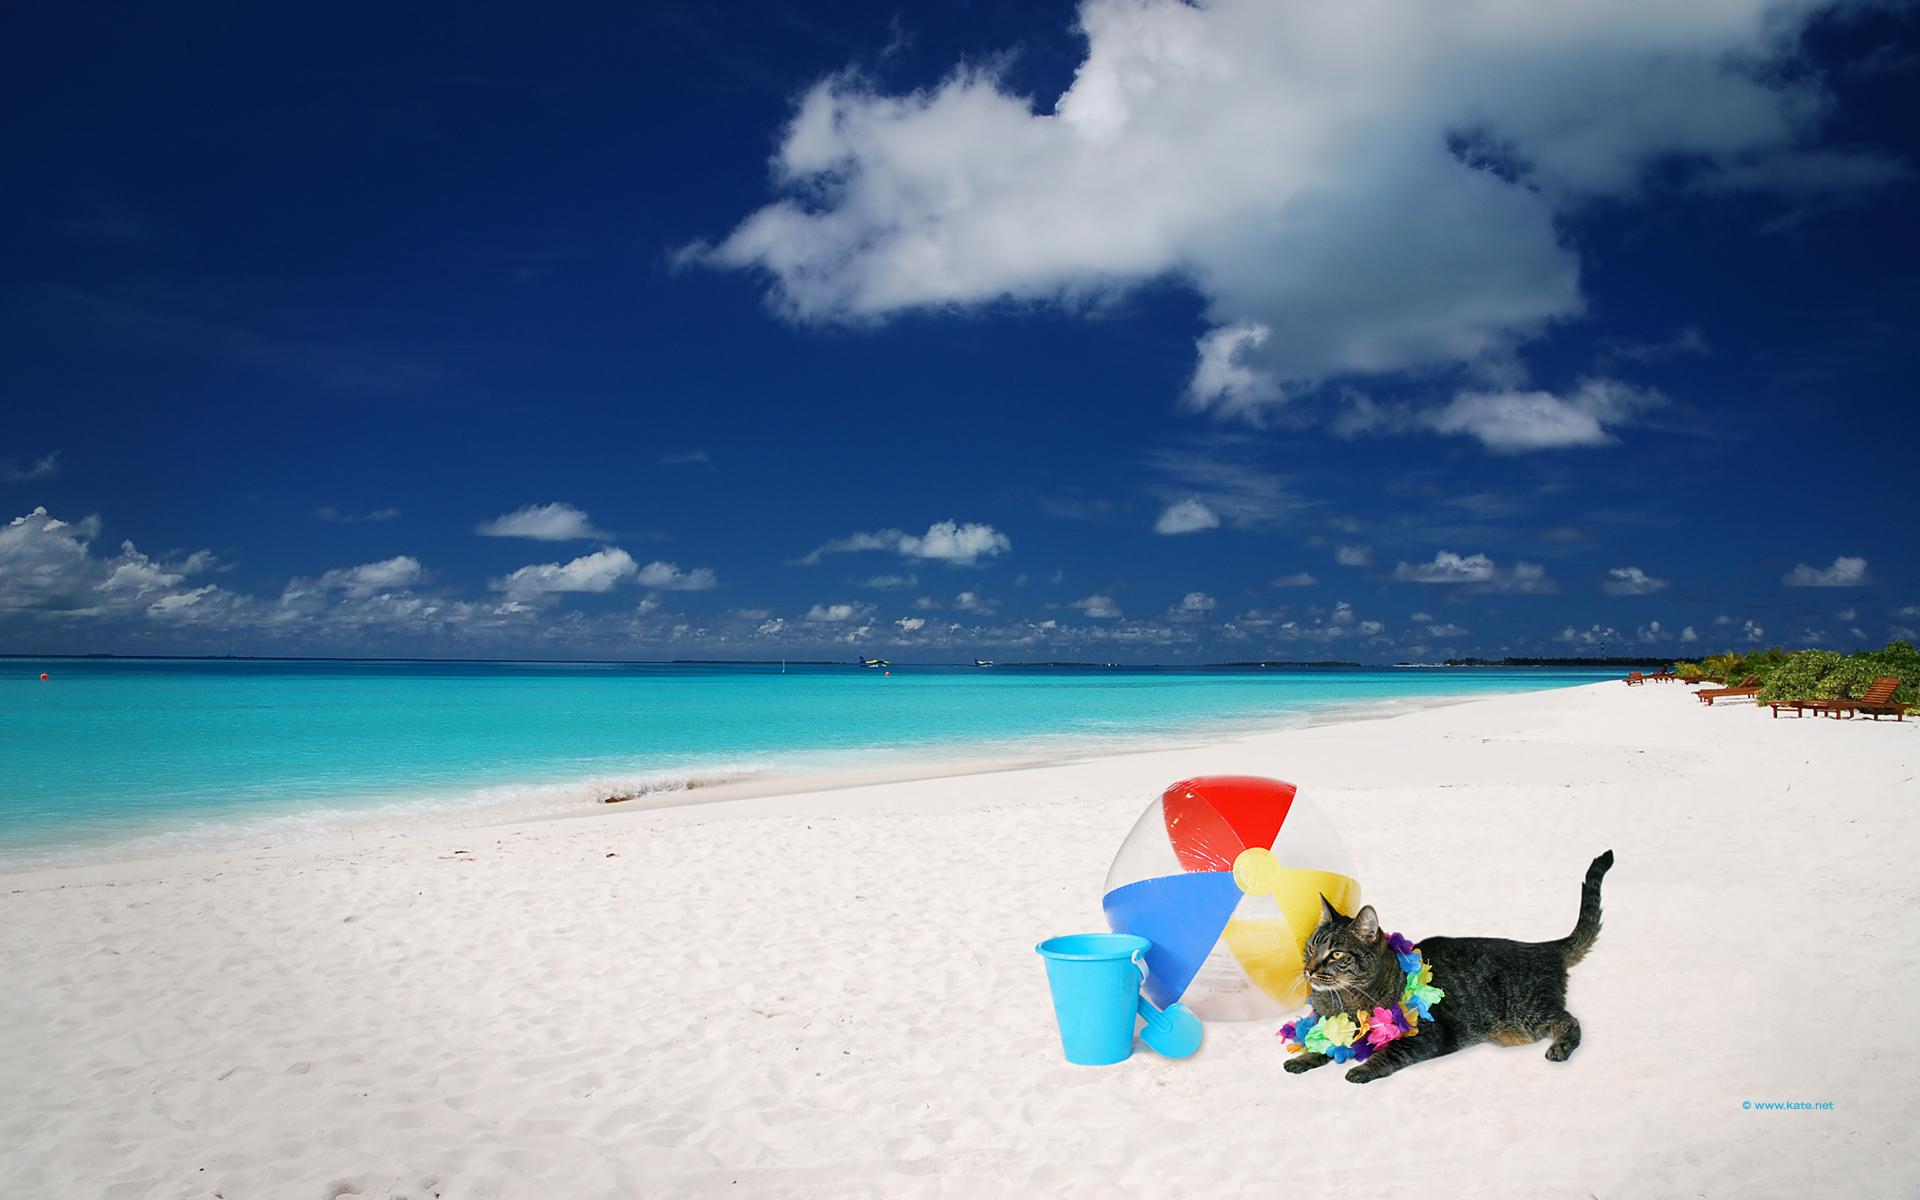 beach for wallpaper 3x6summer - photo #15